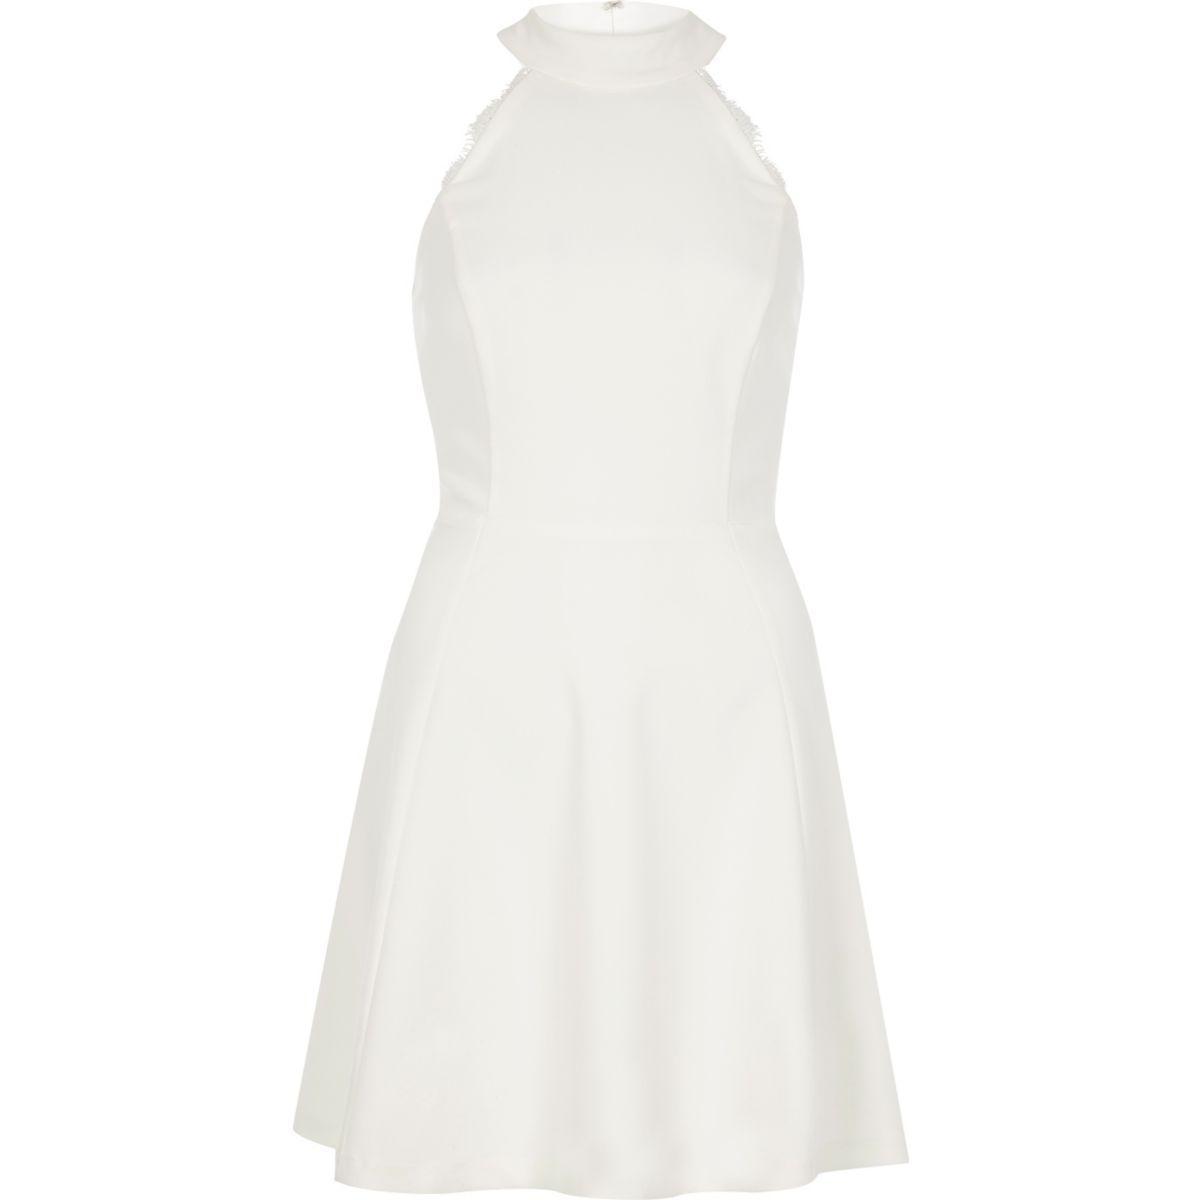 White lace back high neck skater dress